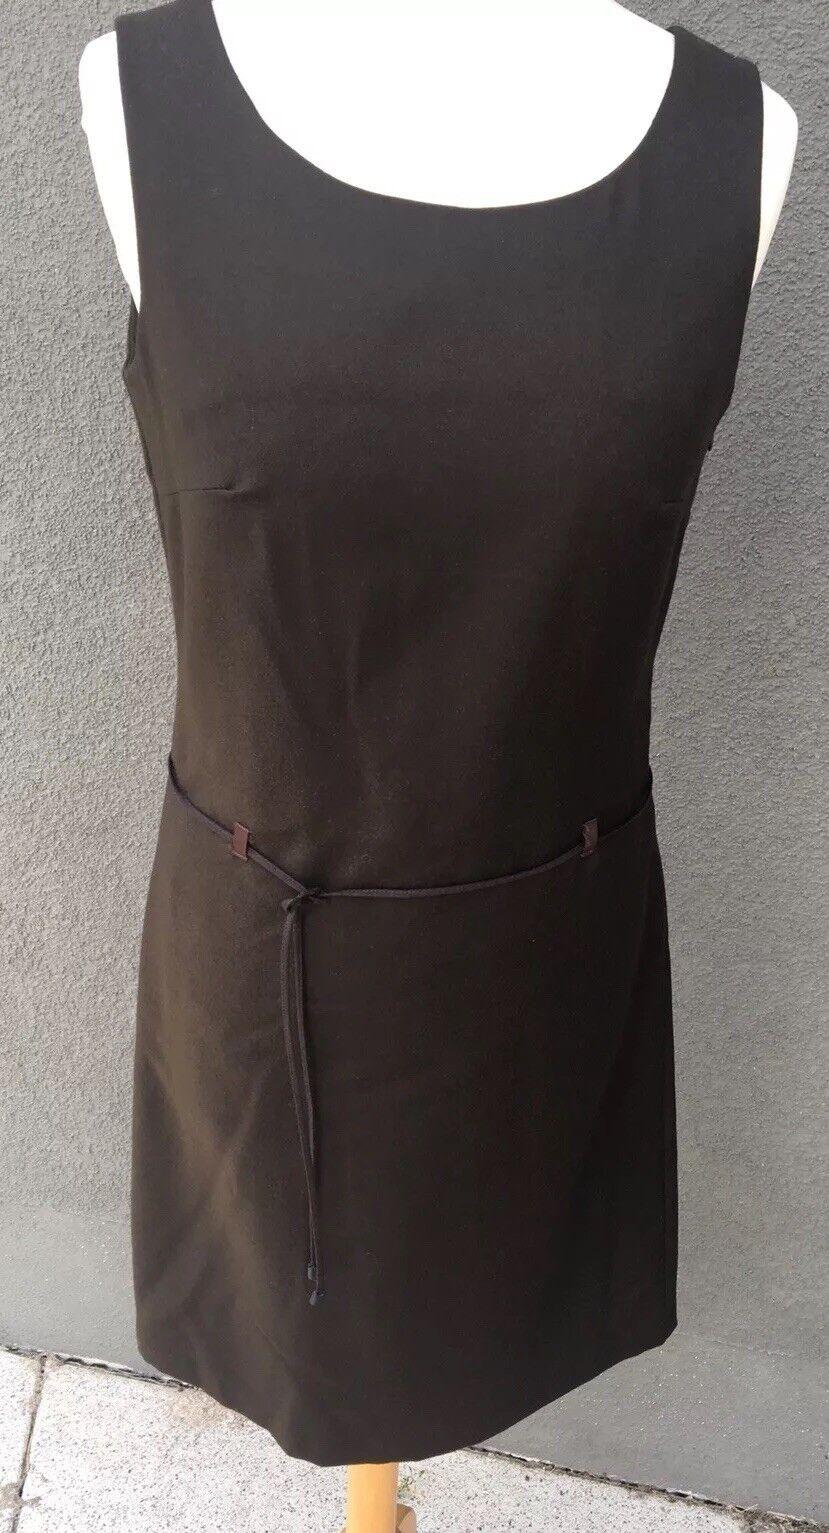 Kleid Damen Benetton braun mit Details Gr. XS NEU und ungetragen